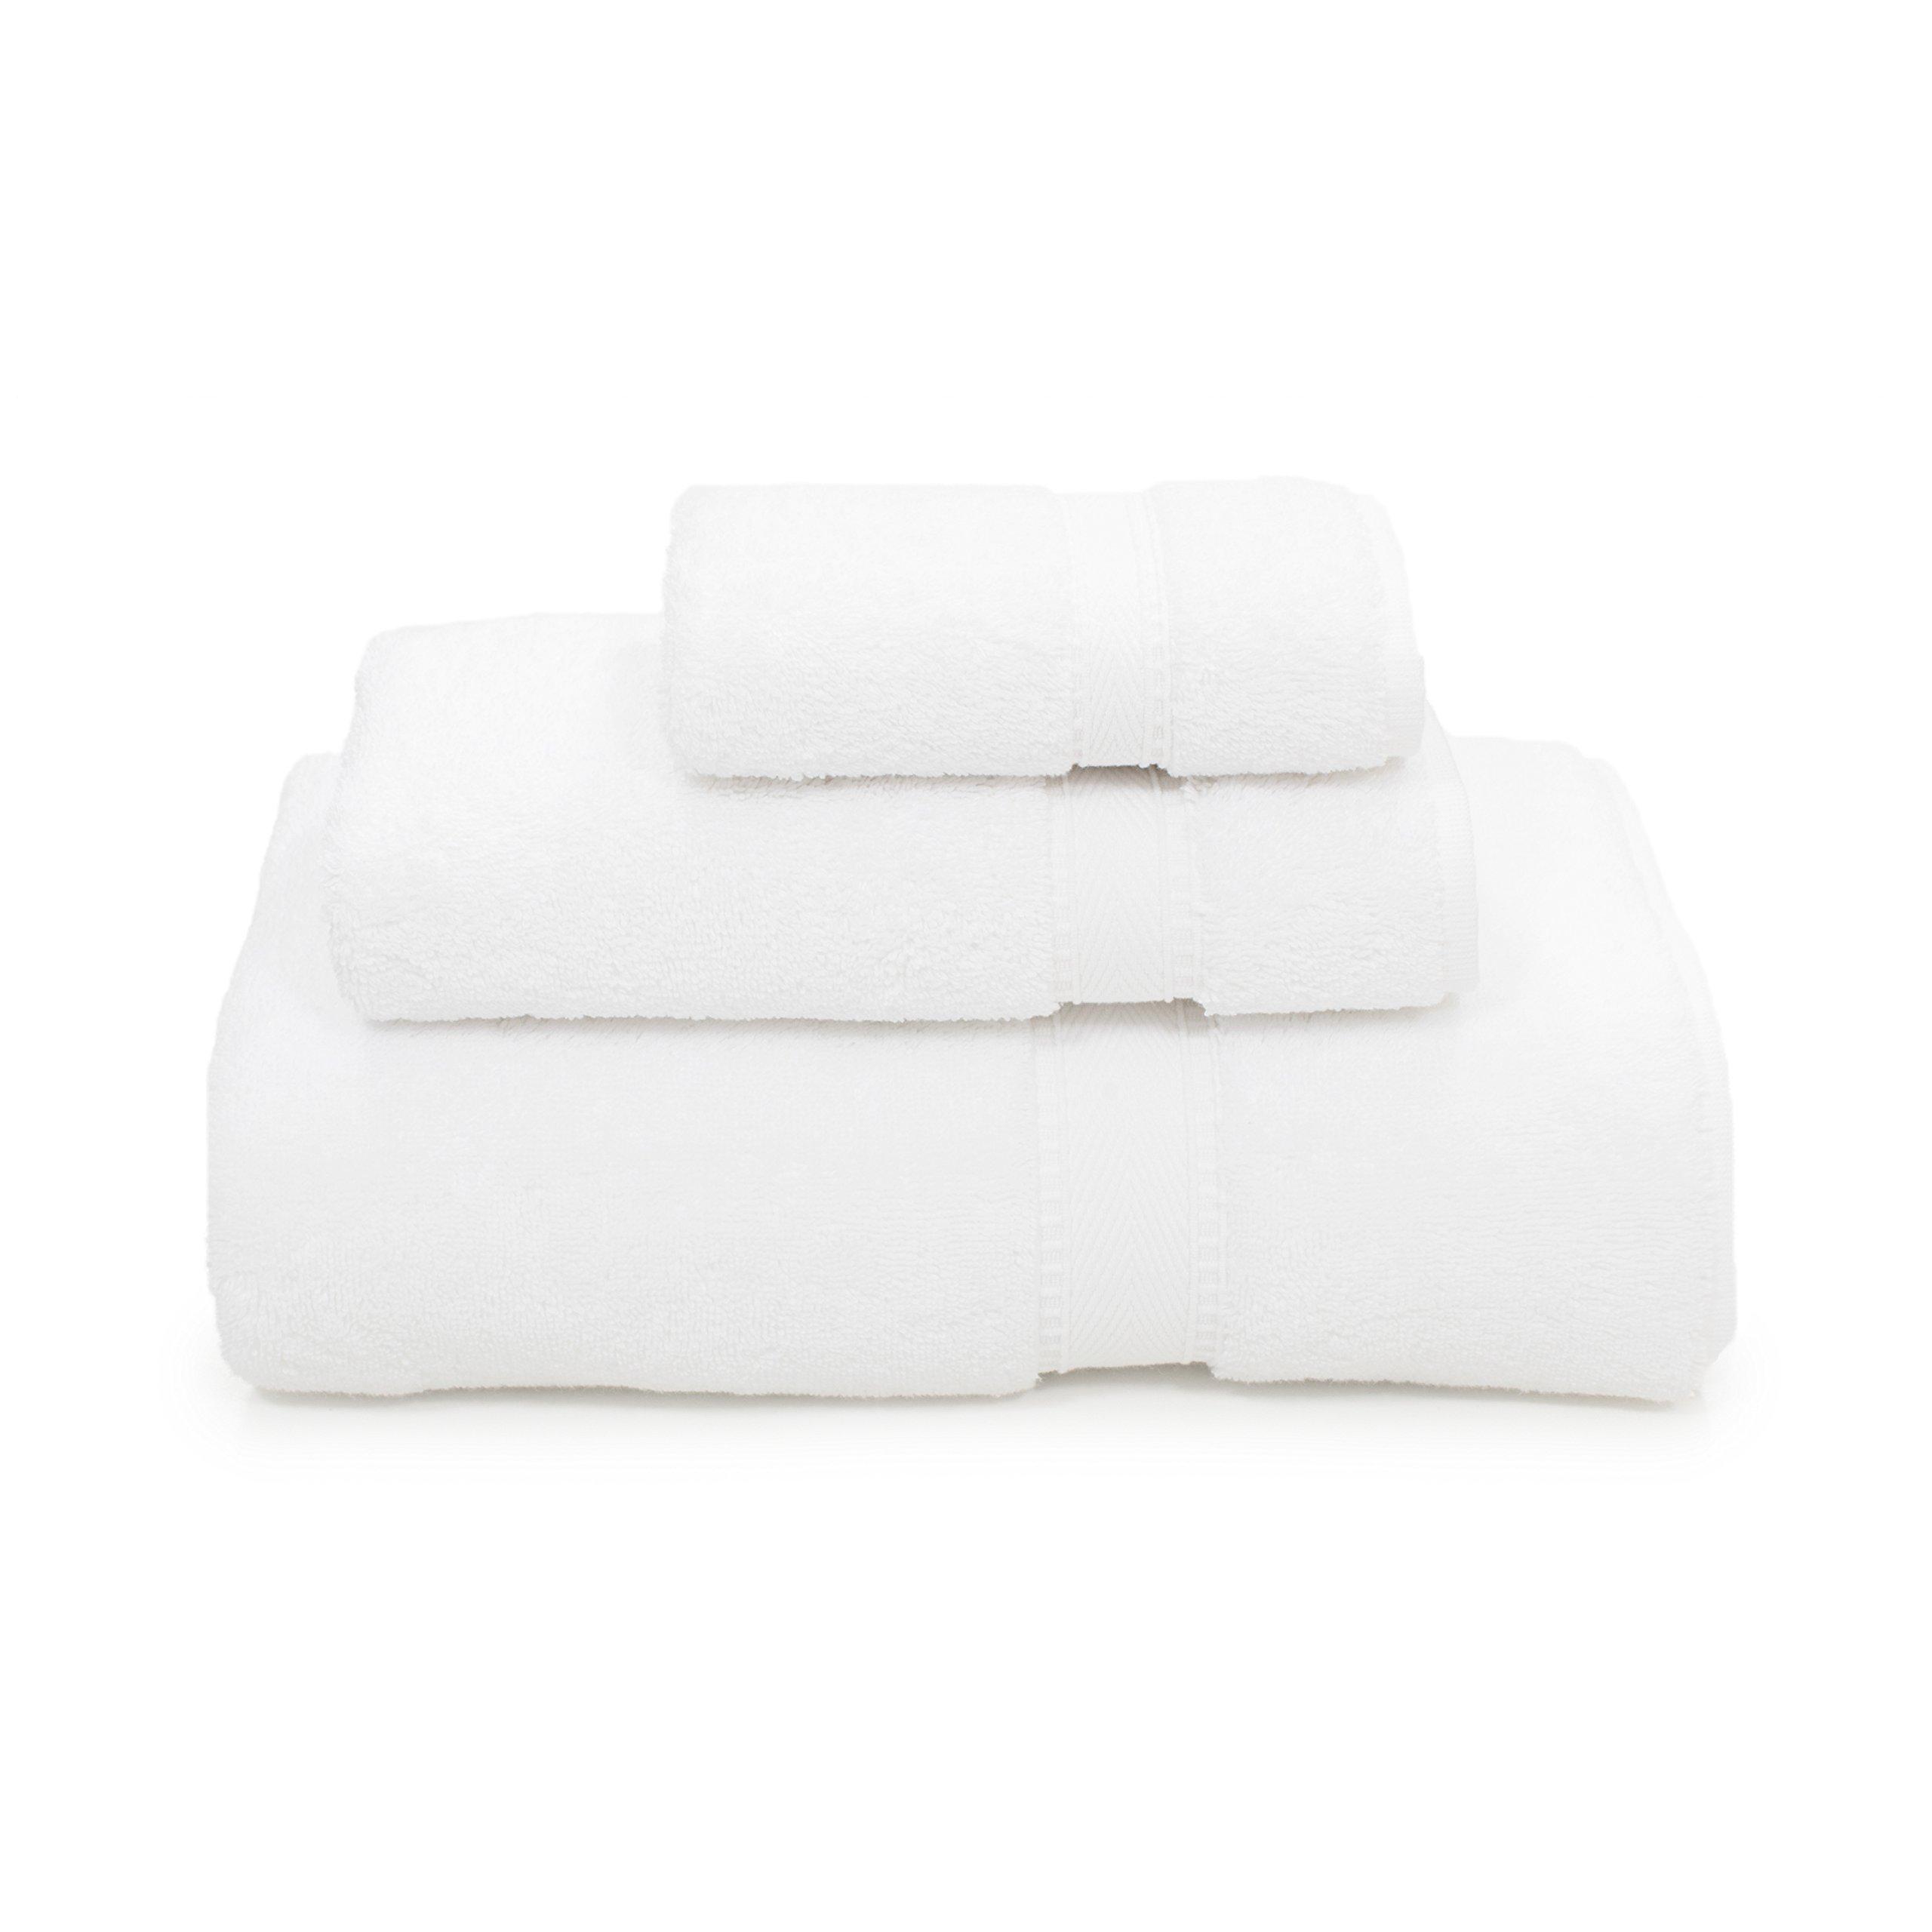 Linum Home Textiles SN00-3C Bath Towel White by Linum Home Textiles